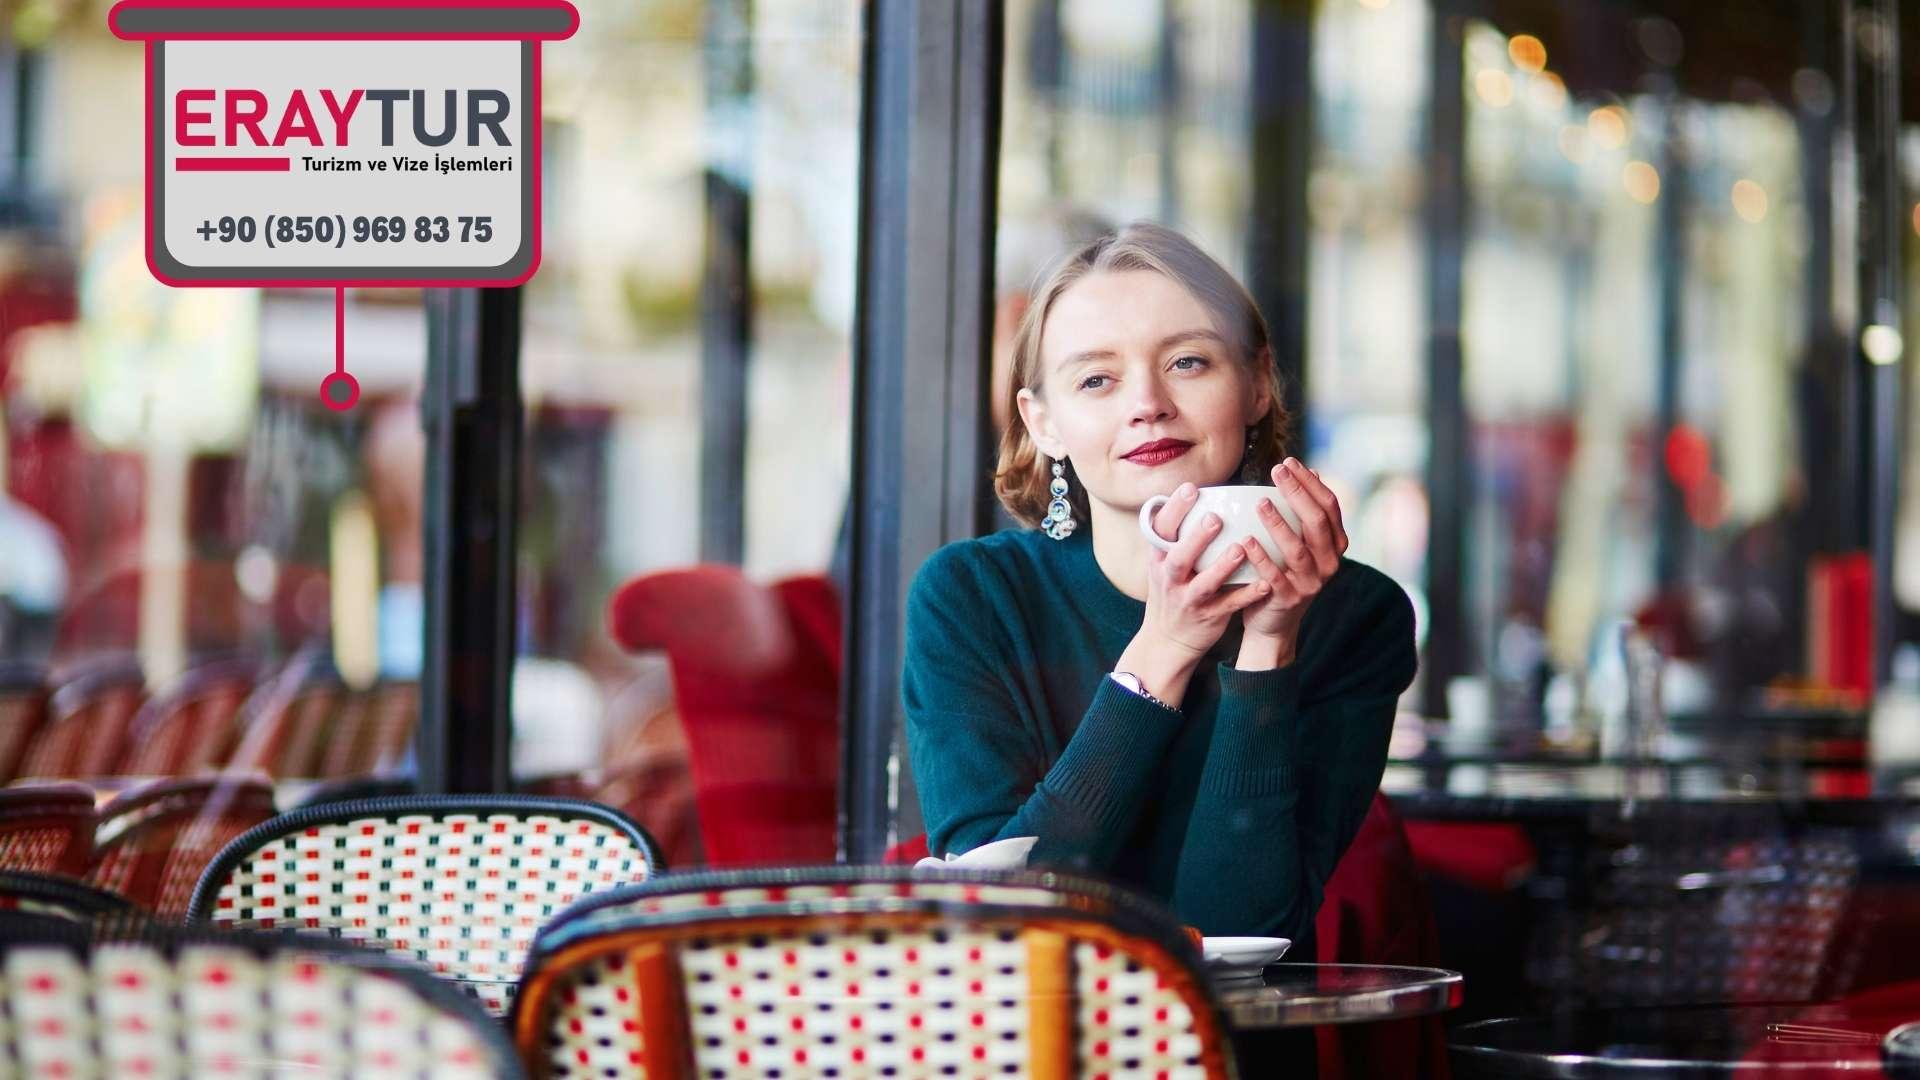 Fransa Turistik Vize Ücreti